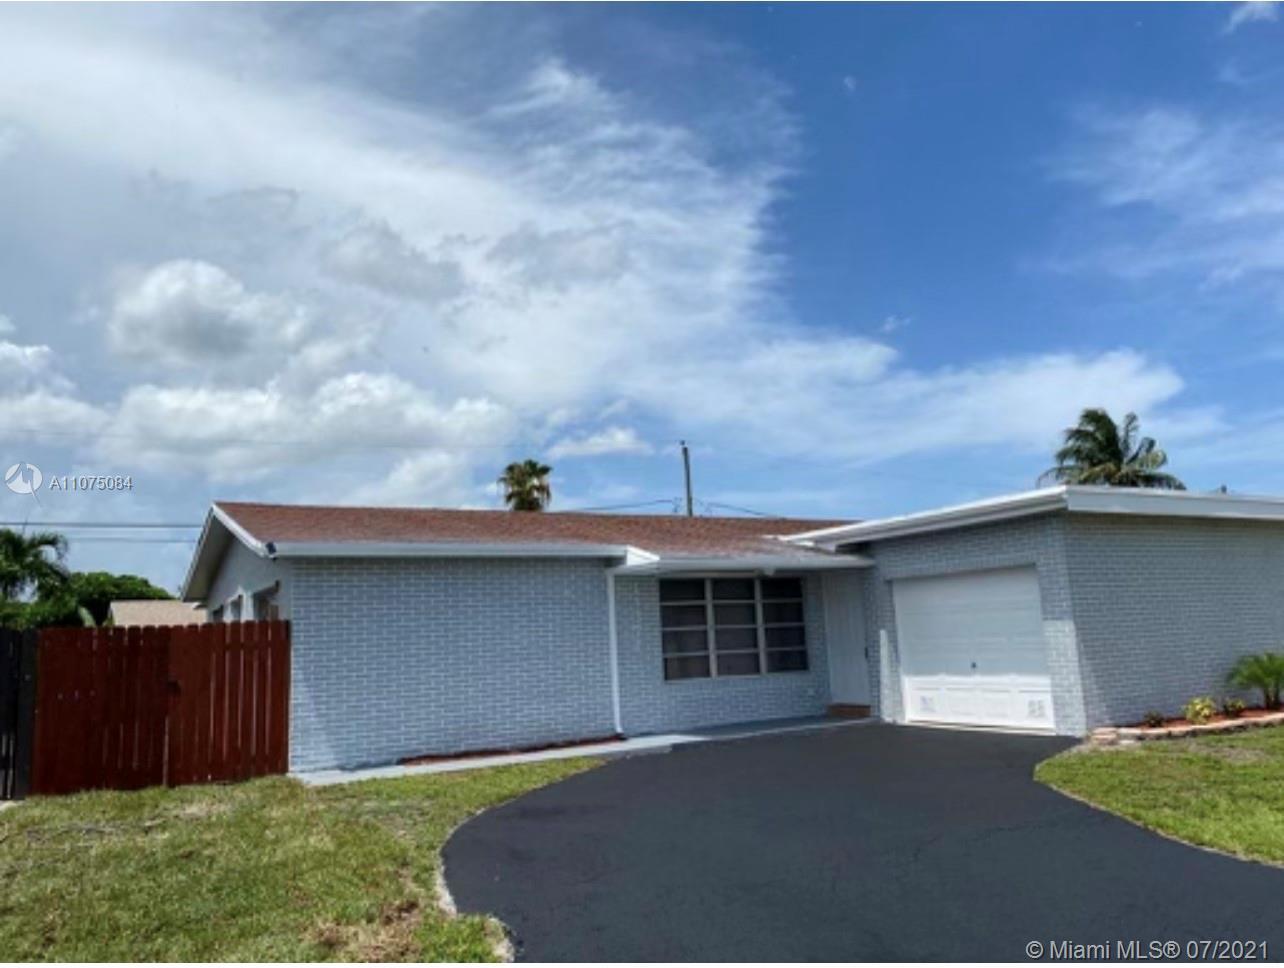 Sunrise Golf Village - 11371 NW 40th Pl, Plantation, FL 33323